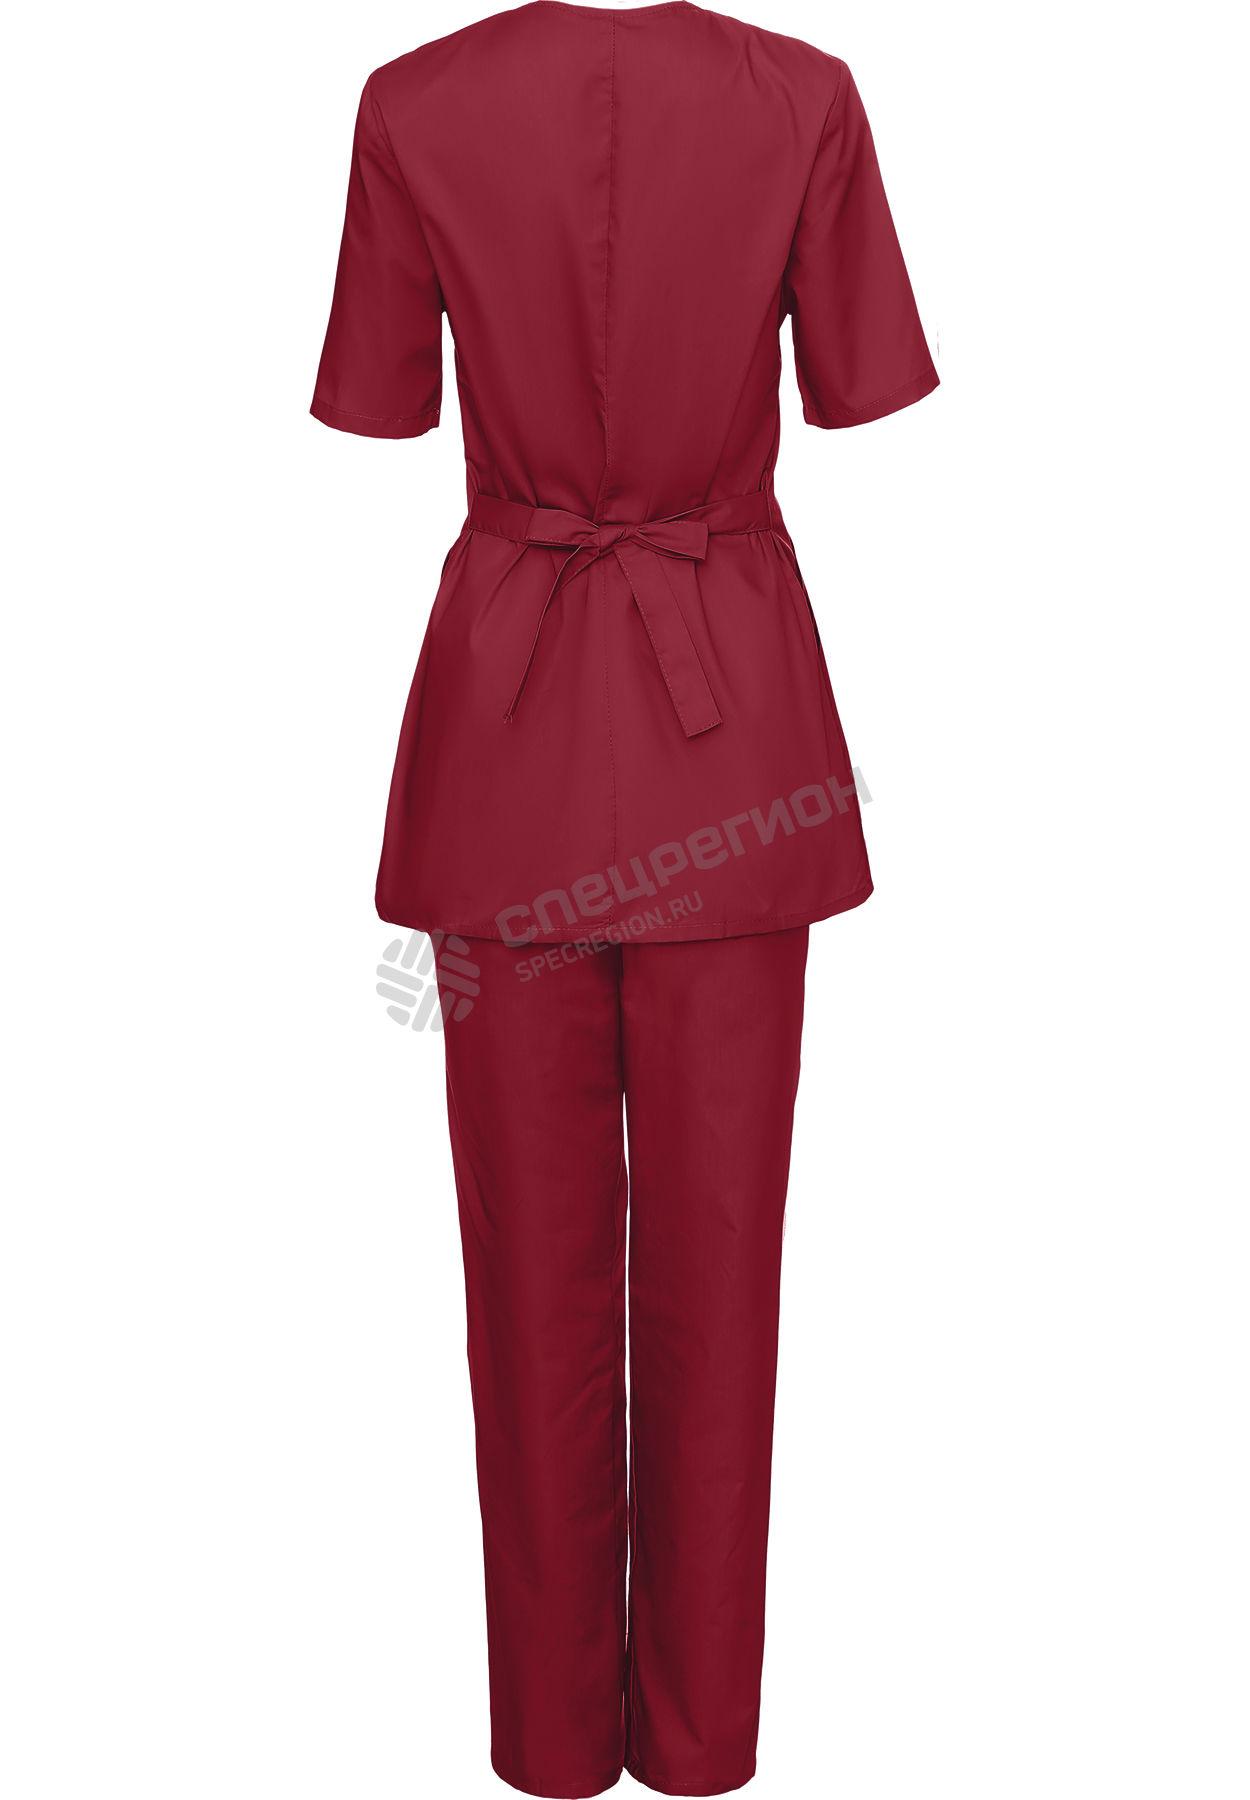 Женский костюм для леса доставка